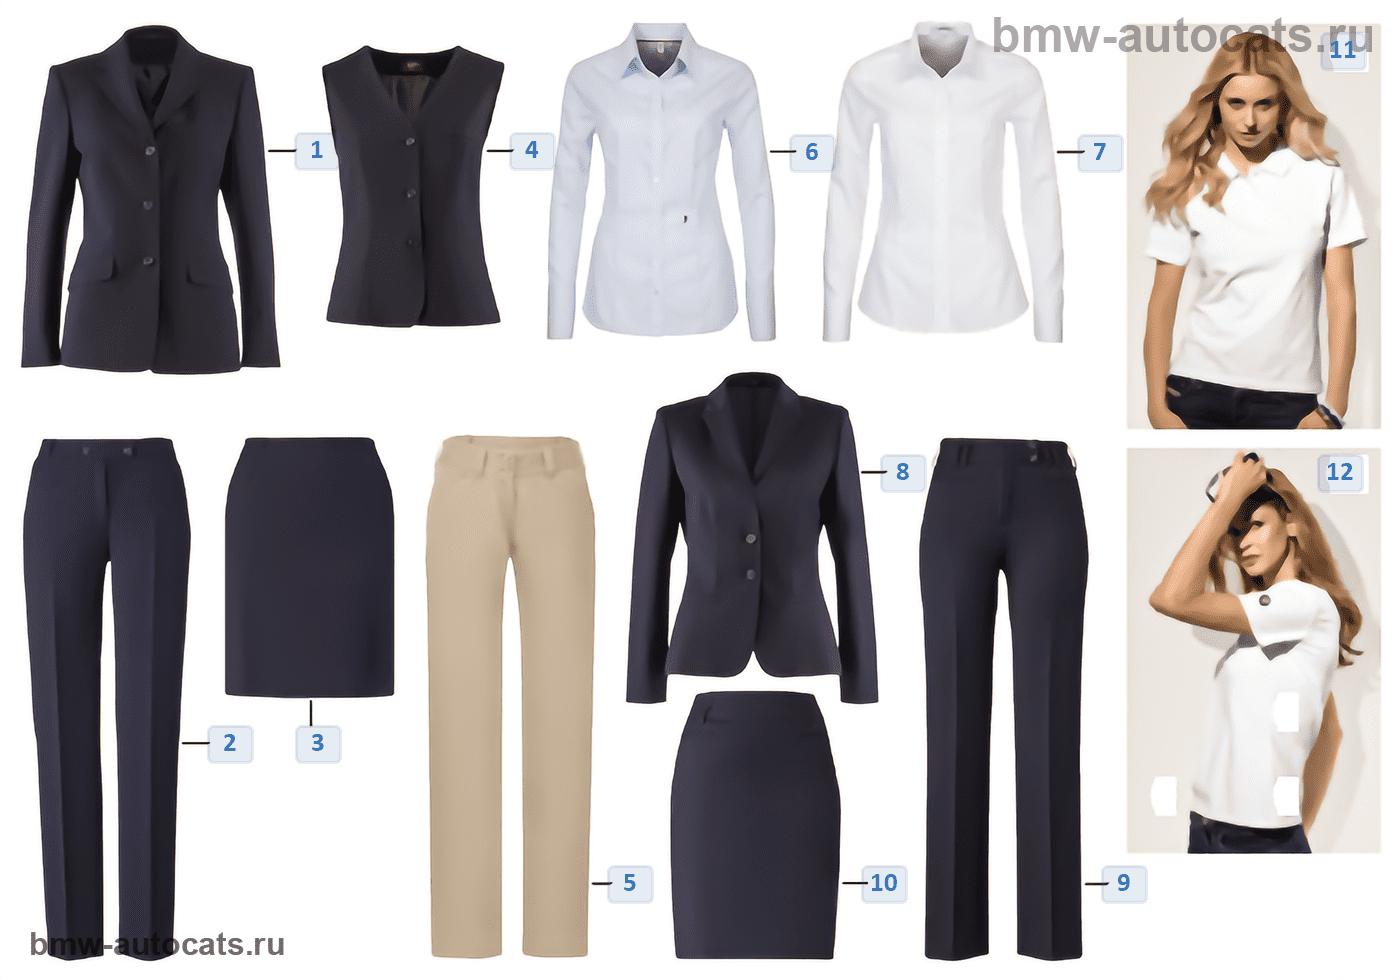 Деловая одежда BMW 2014 — женск.